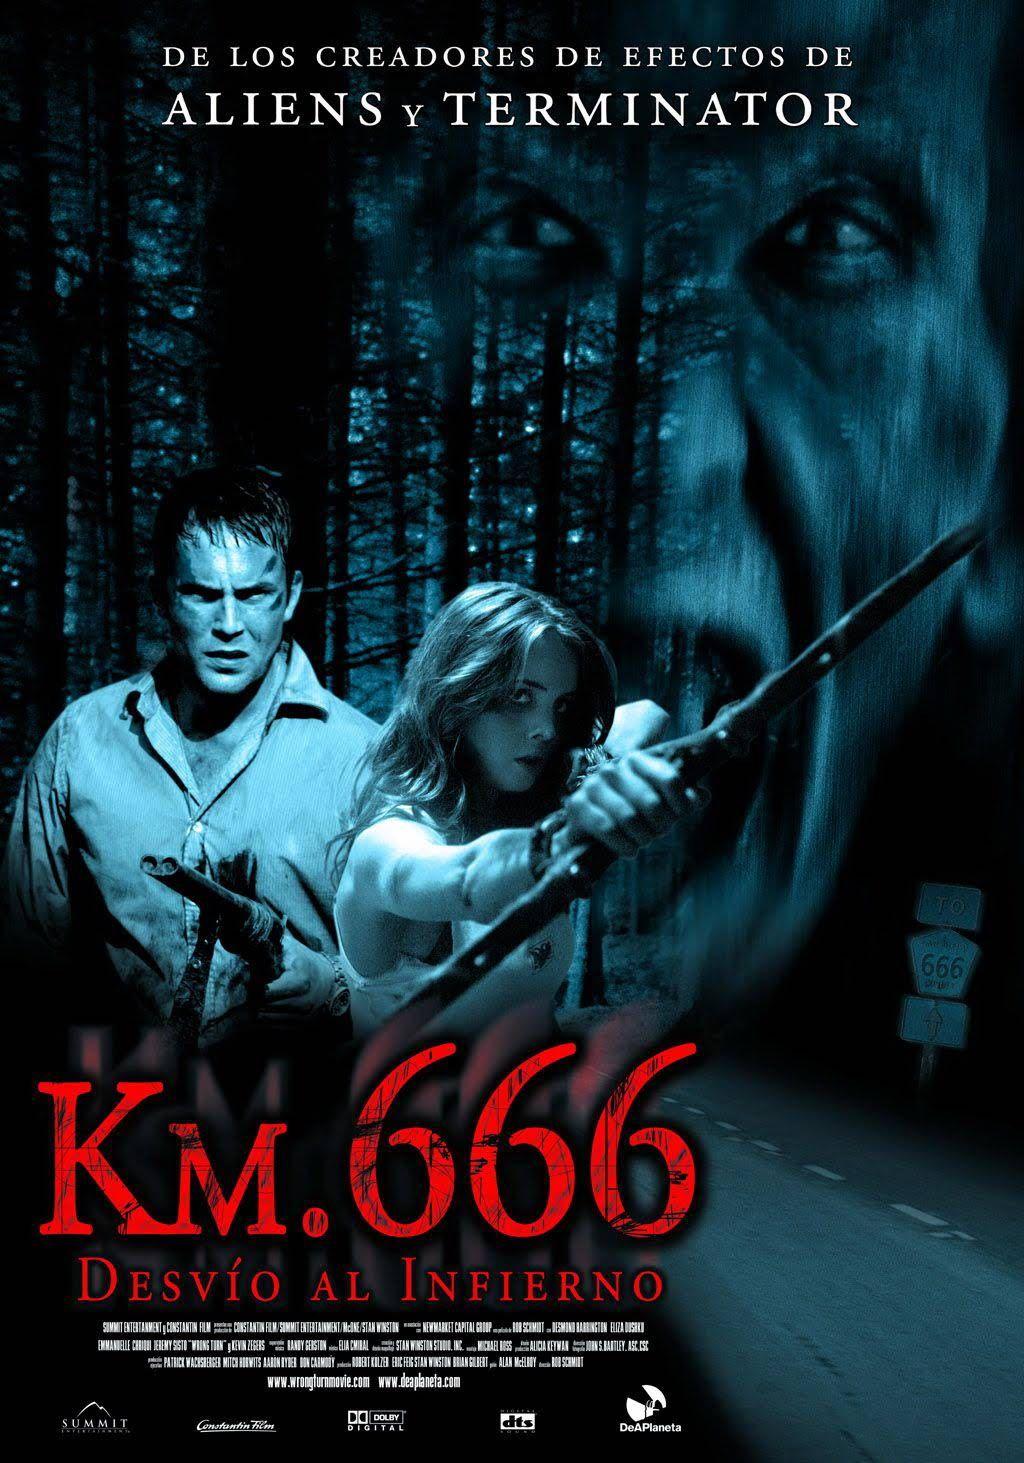 Km 666 Peliculas Completas Horror Movie Posters Peliculas